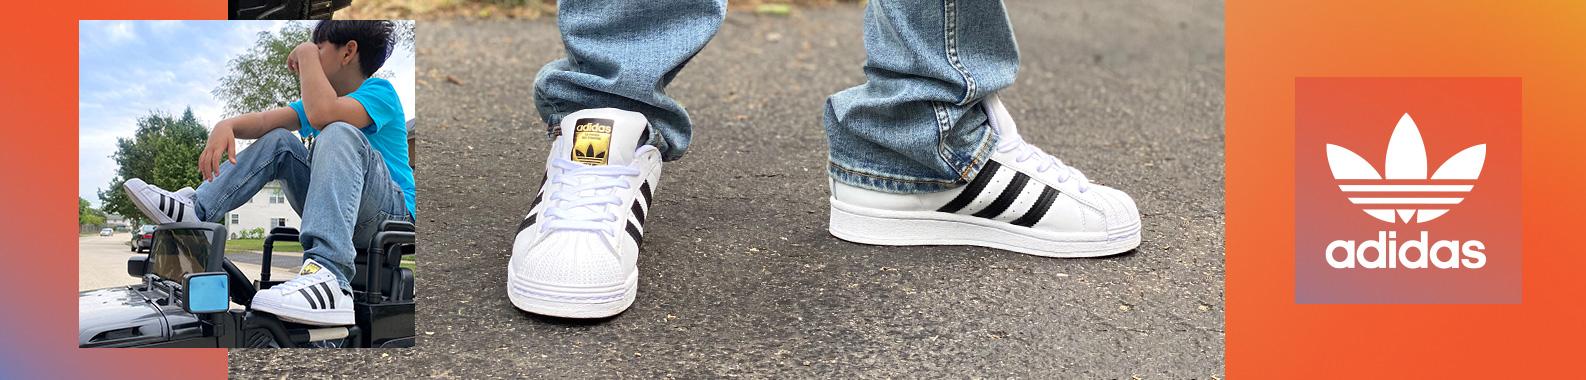 adidas brand header image